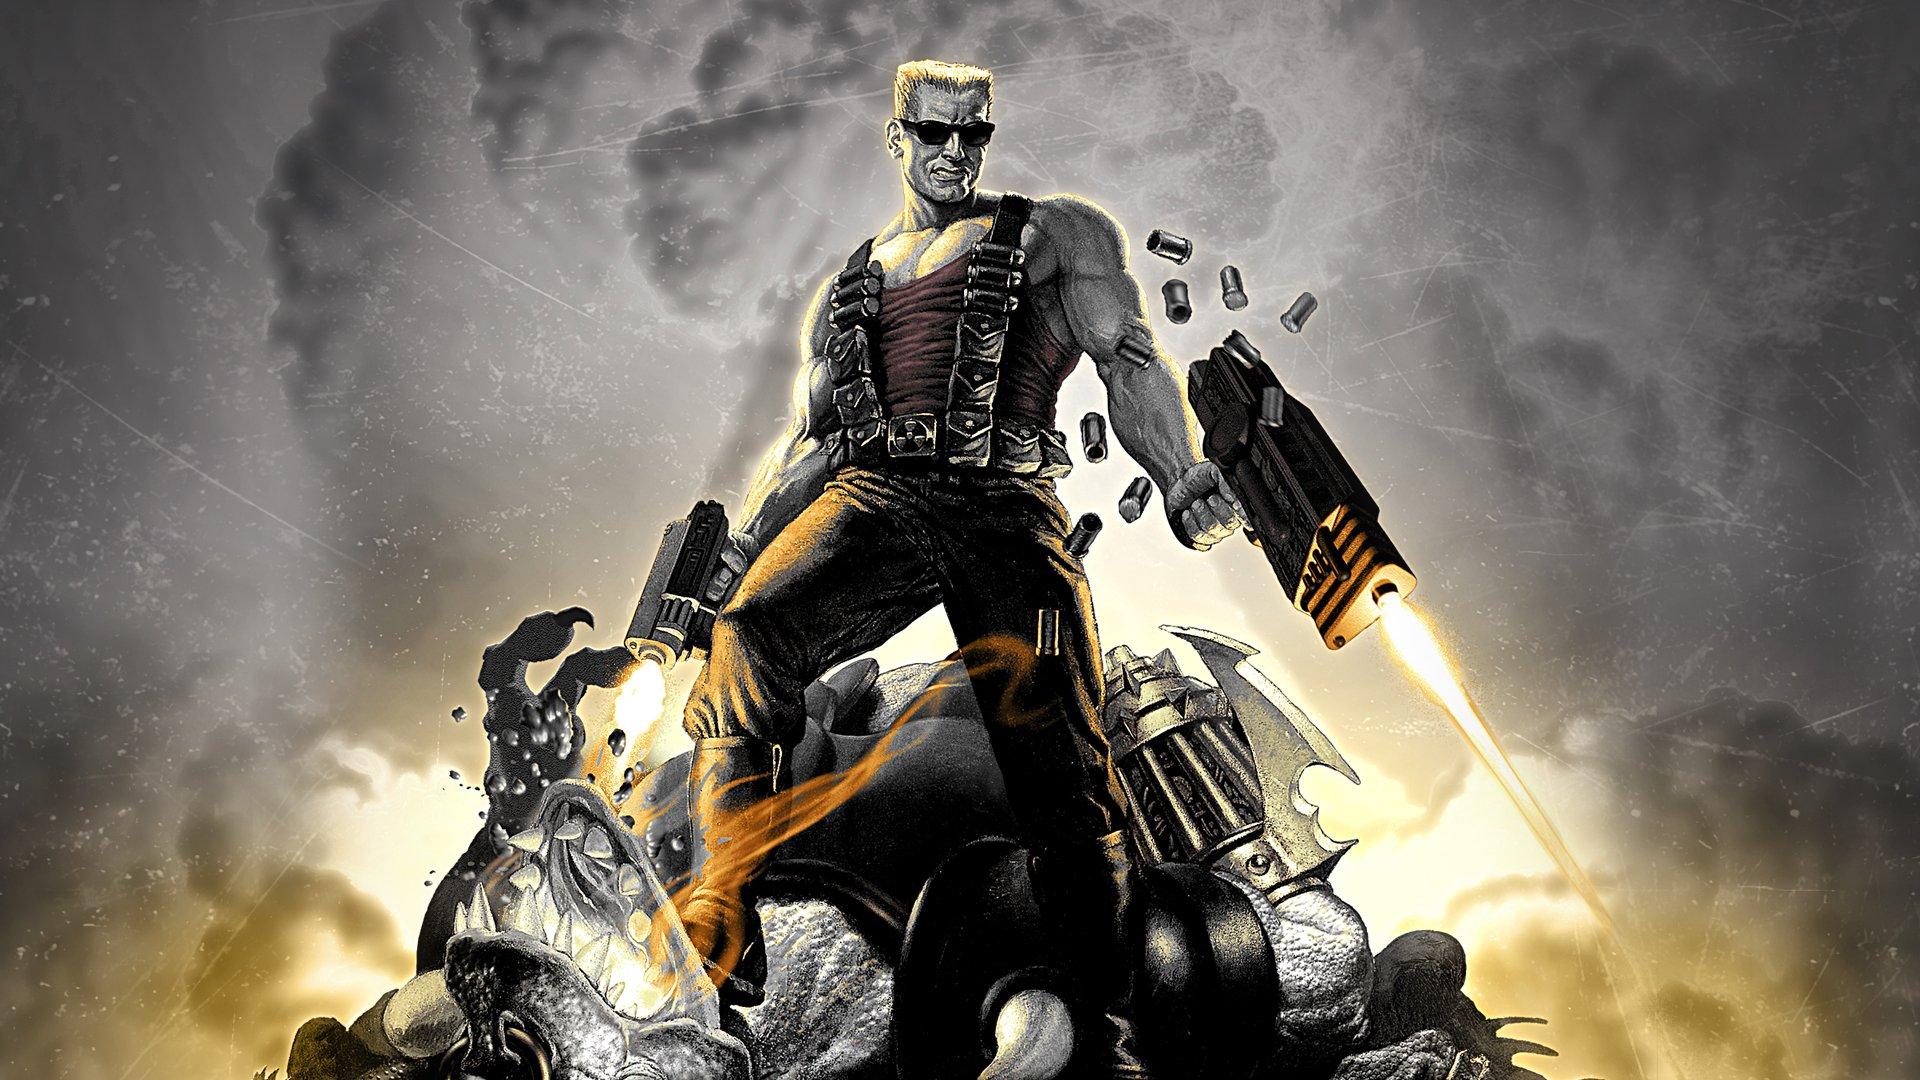 Duke Nukem 3D Atomic Edition